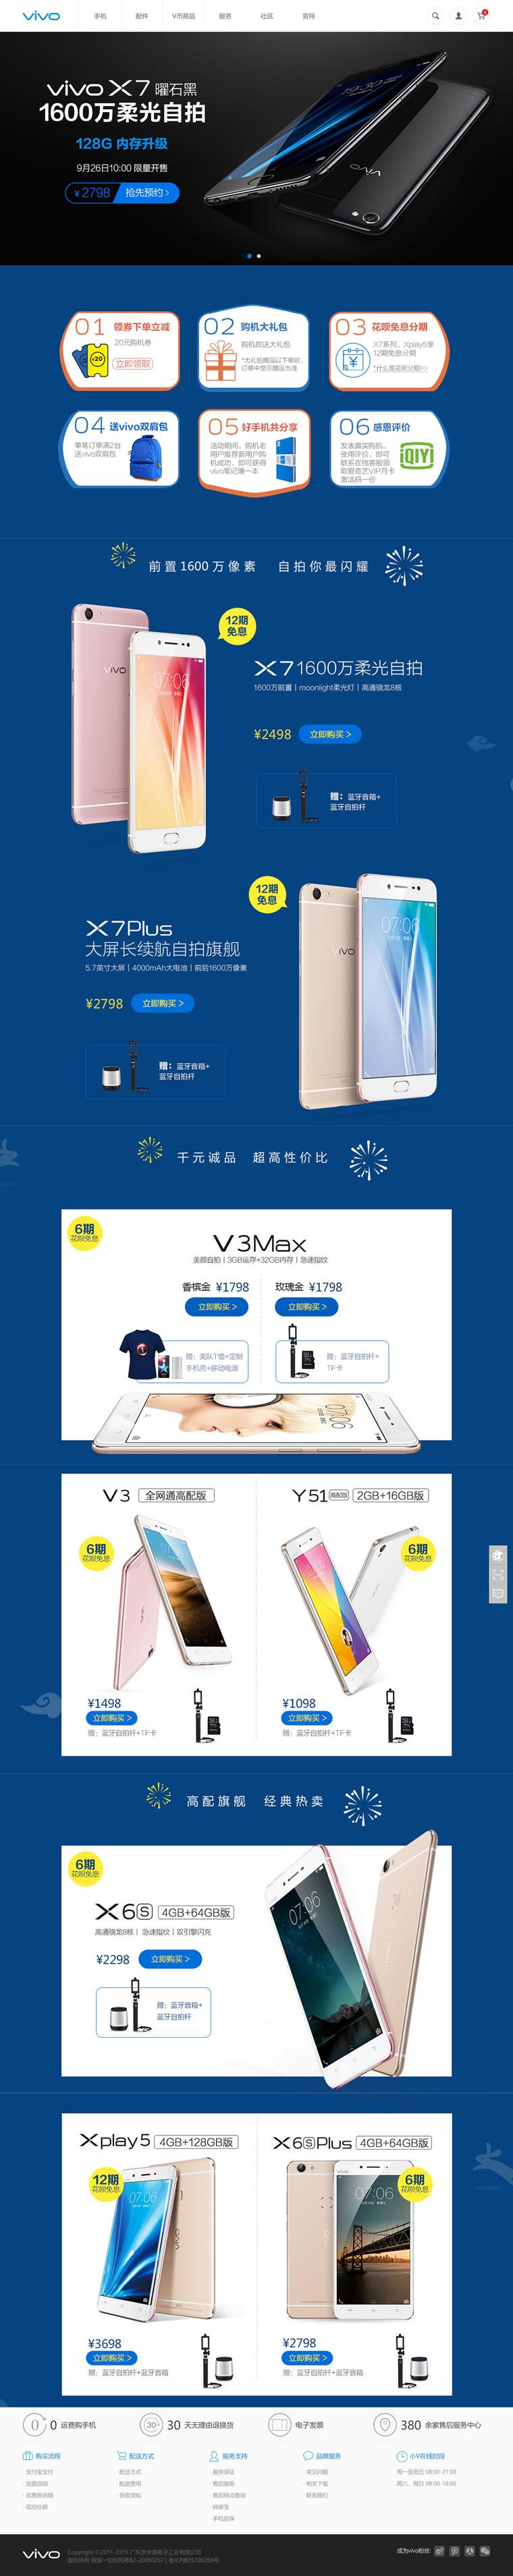 vivo智能手机官方商城:vivo